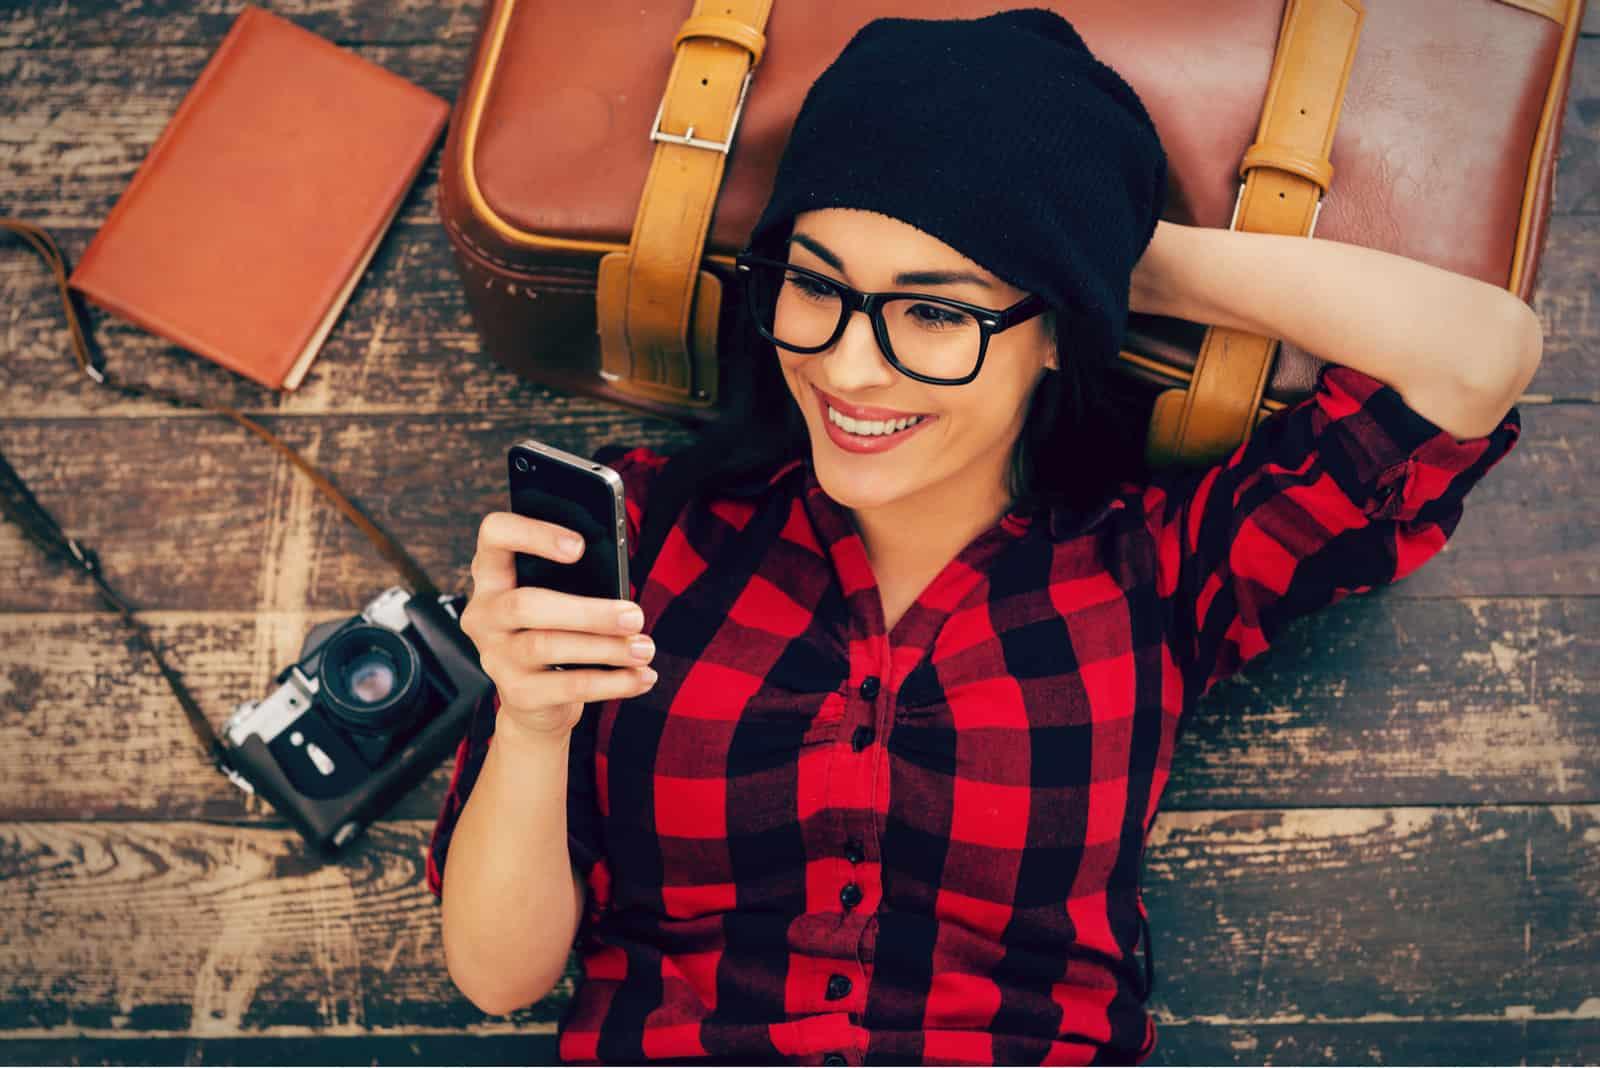 une femme souriante avec un chapeau sur la tête se trouve et un bouton sur le téléphone